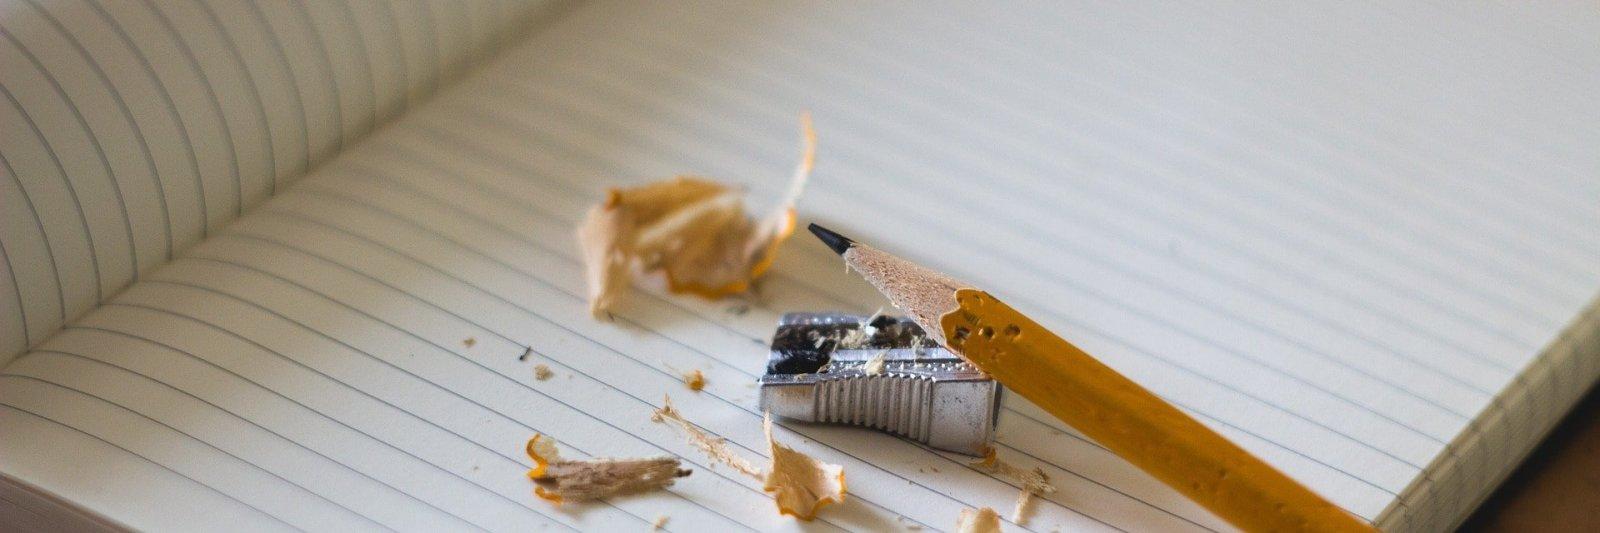 pencil-notebook-sharpen